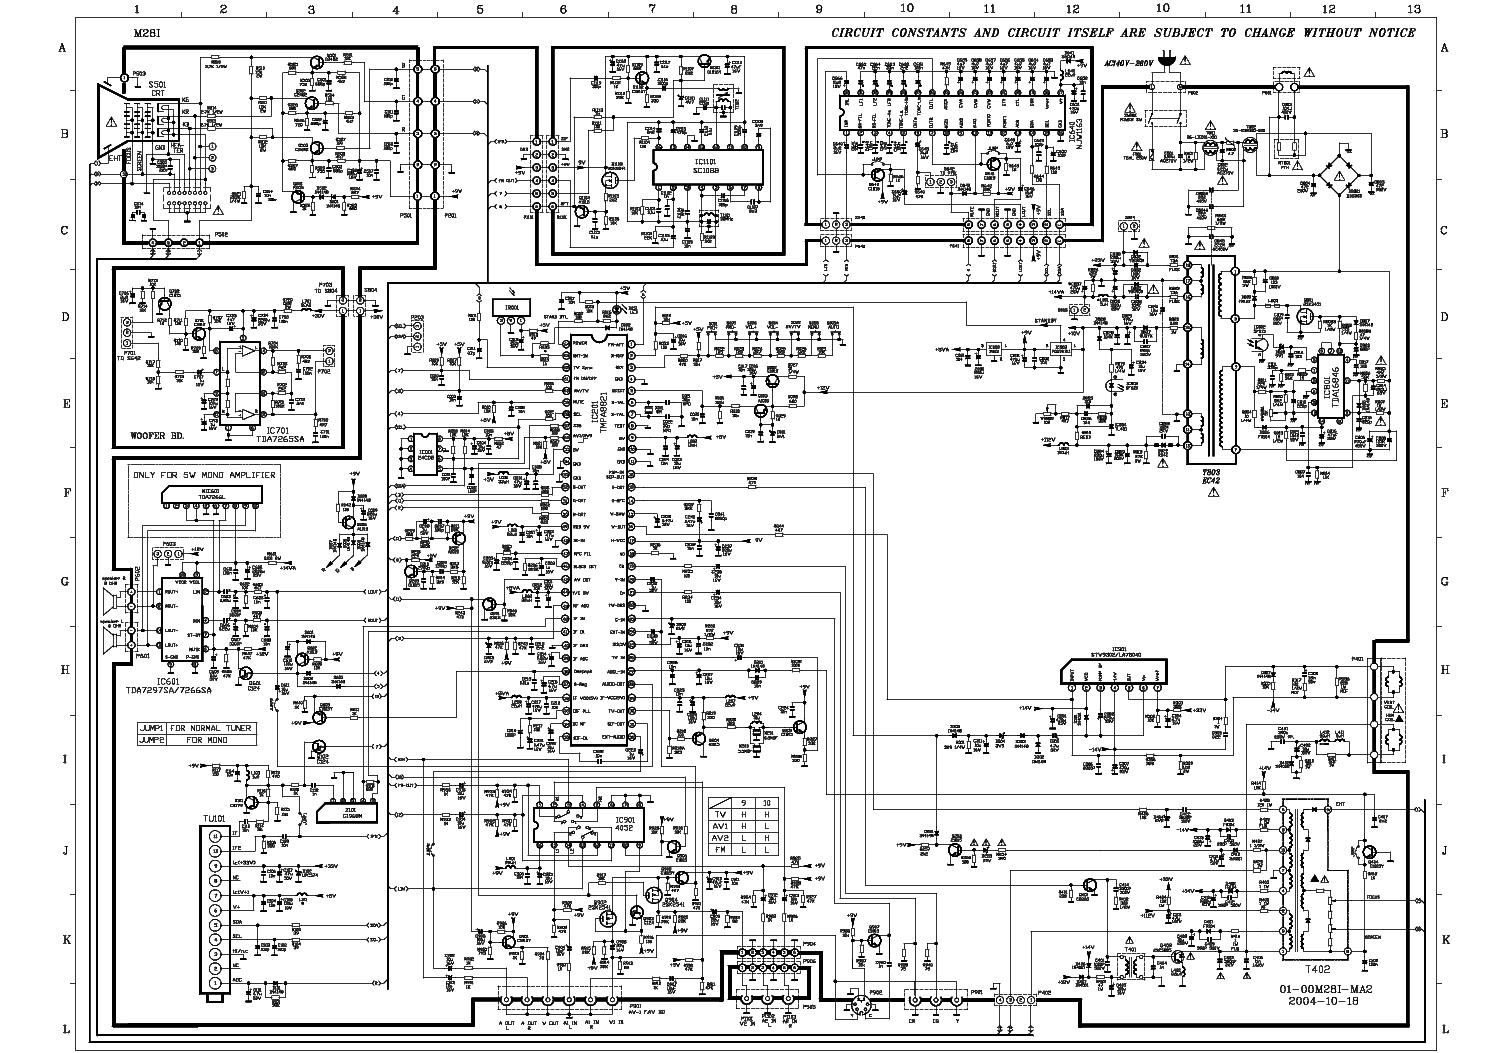 Зарубежные интегральные микросхемы для бытовой радиоэлектронной аппаратуры